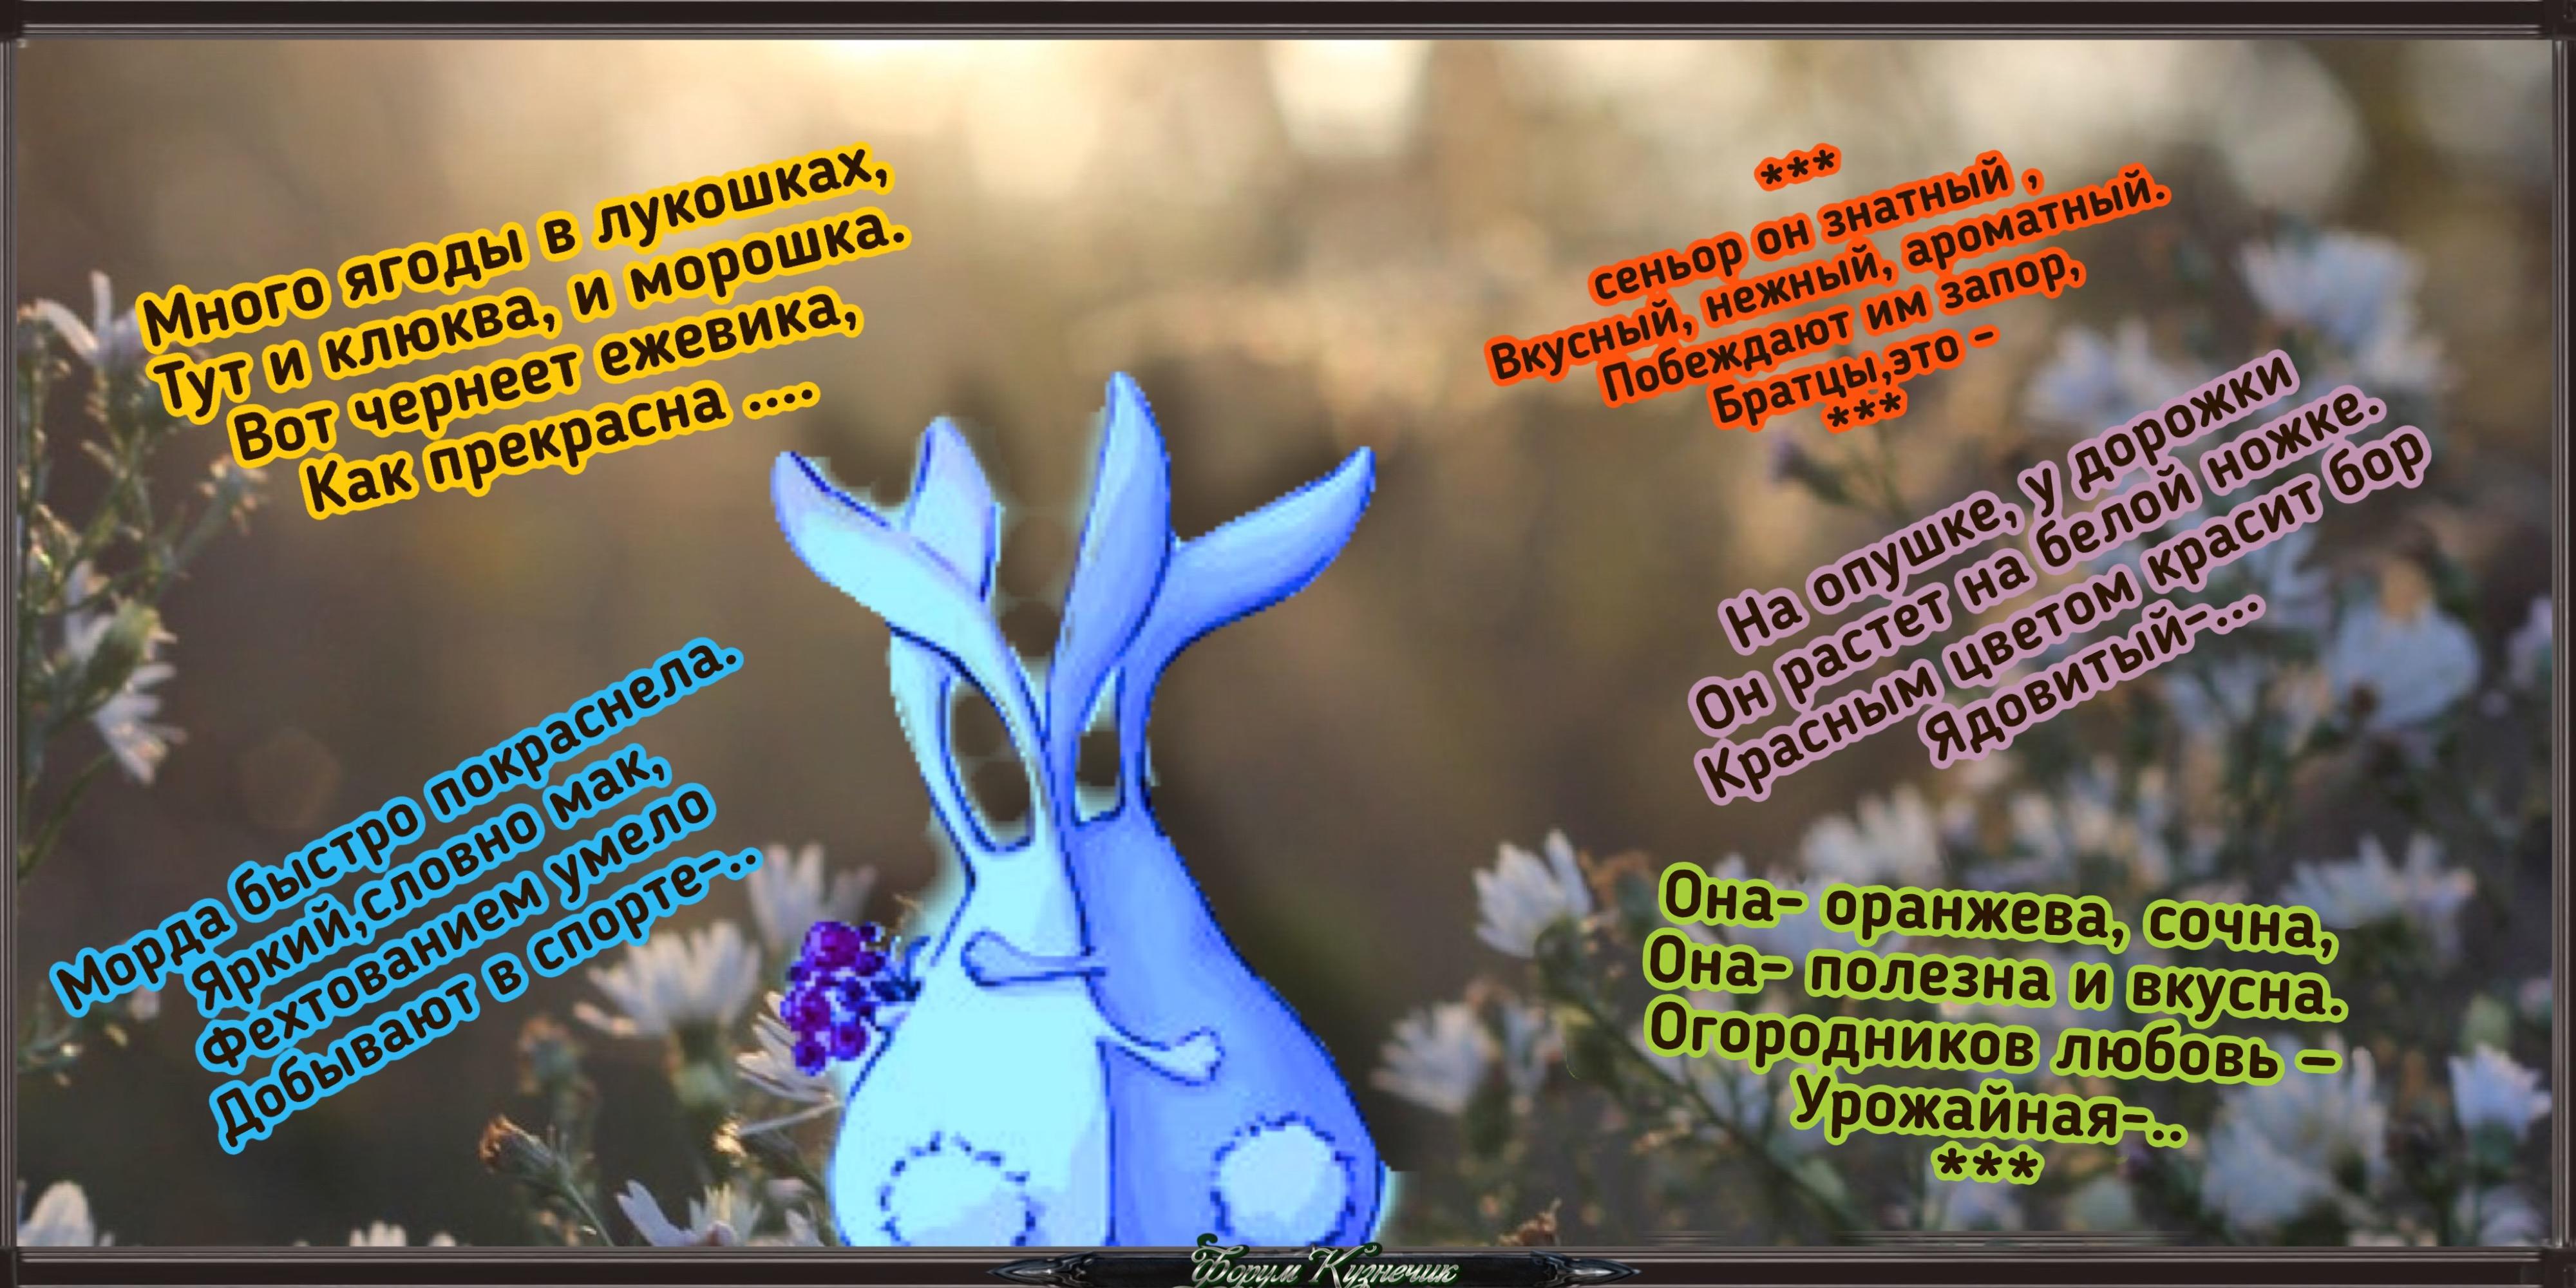 http://s9.uploads.ru/OxsWu.jpg